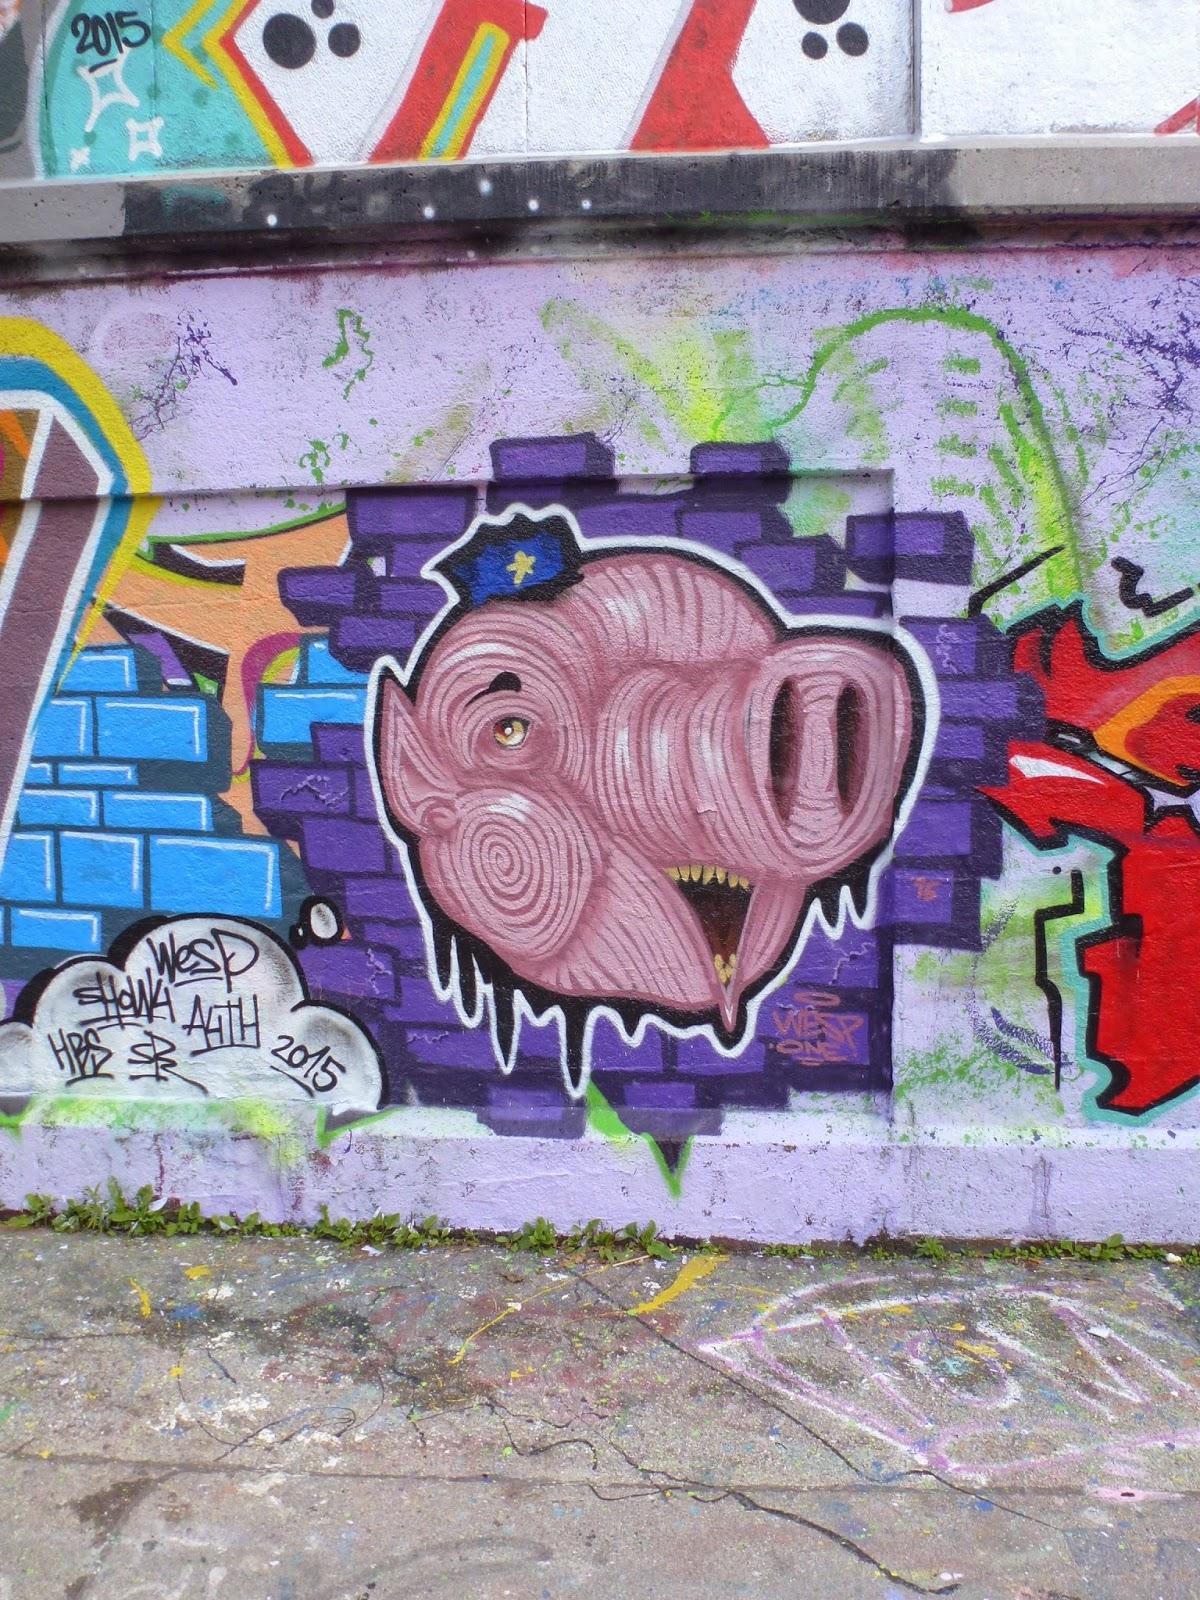 streetart und urbane kommunikation in m nchen schweinderl an der mauer. Black Bedroom Furniture Sets. Home Design Ideas